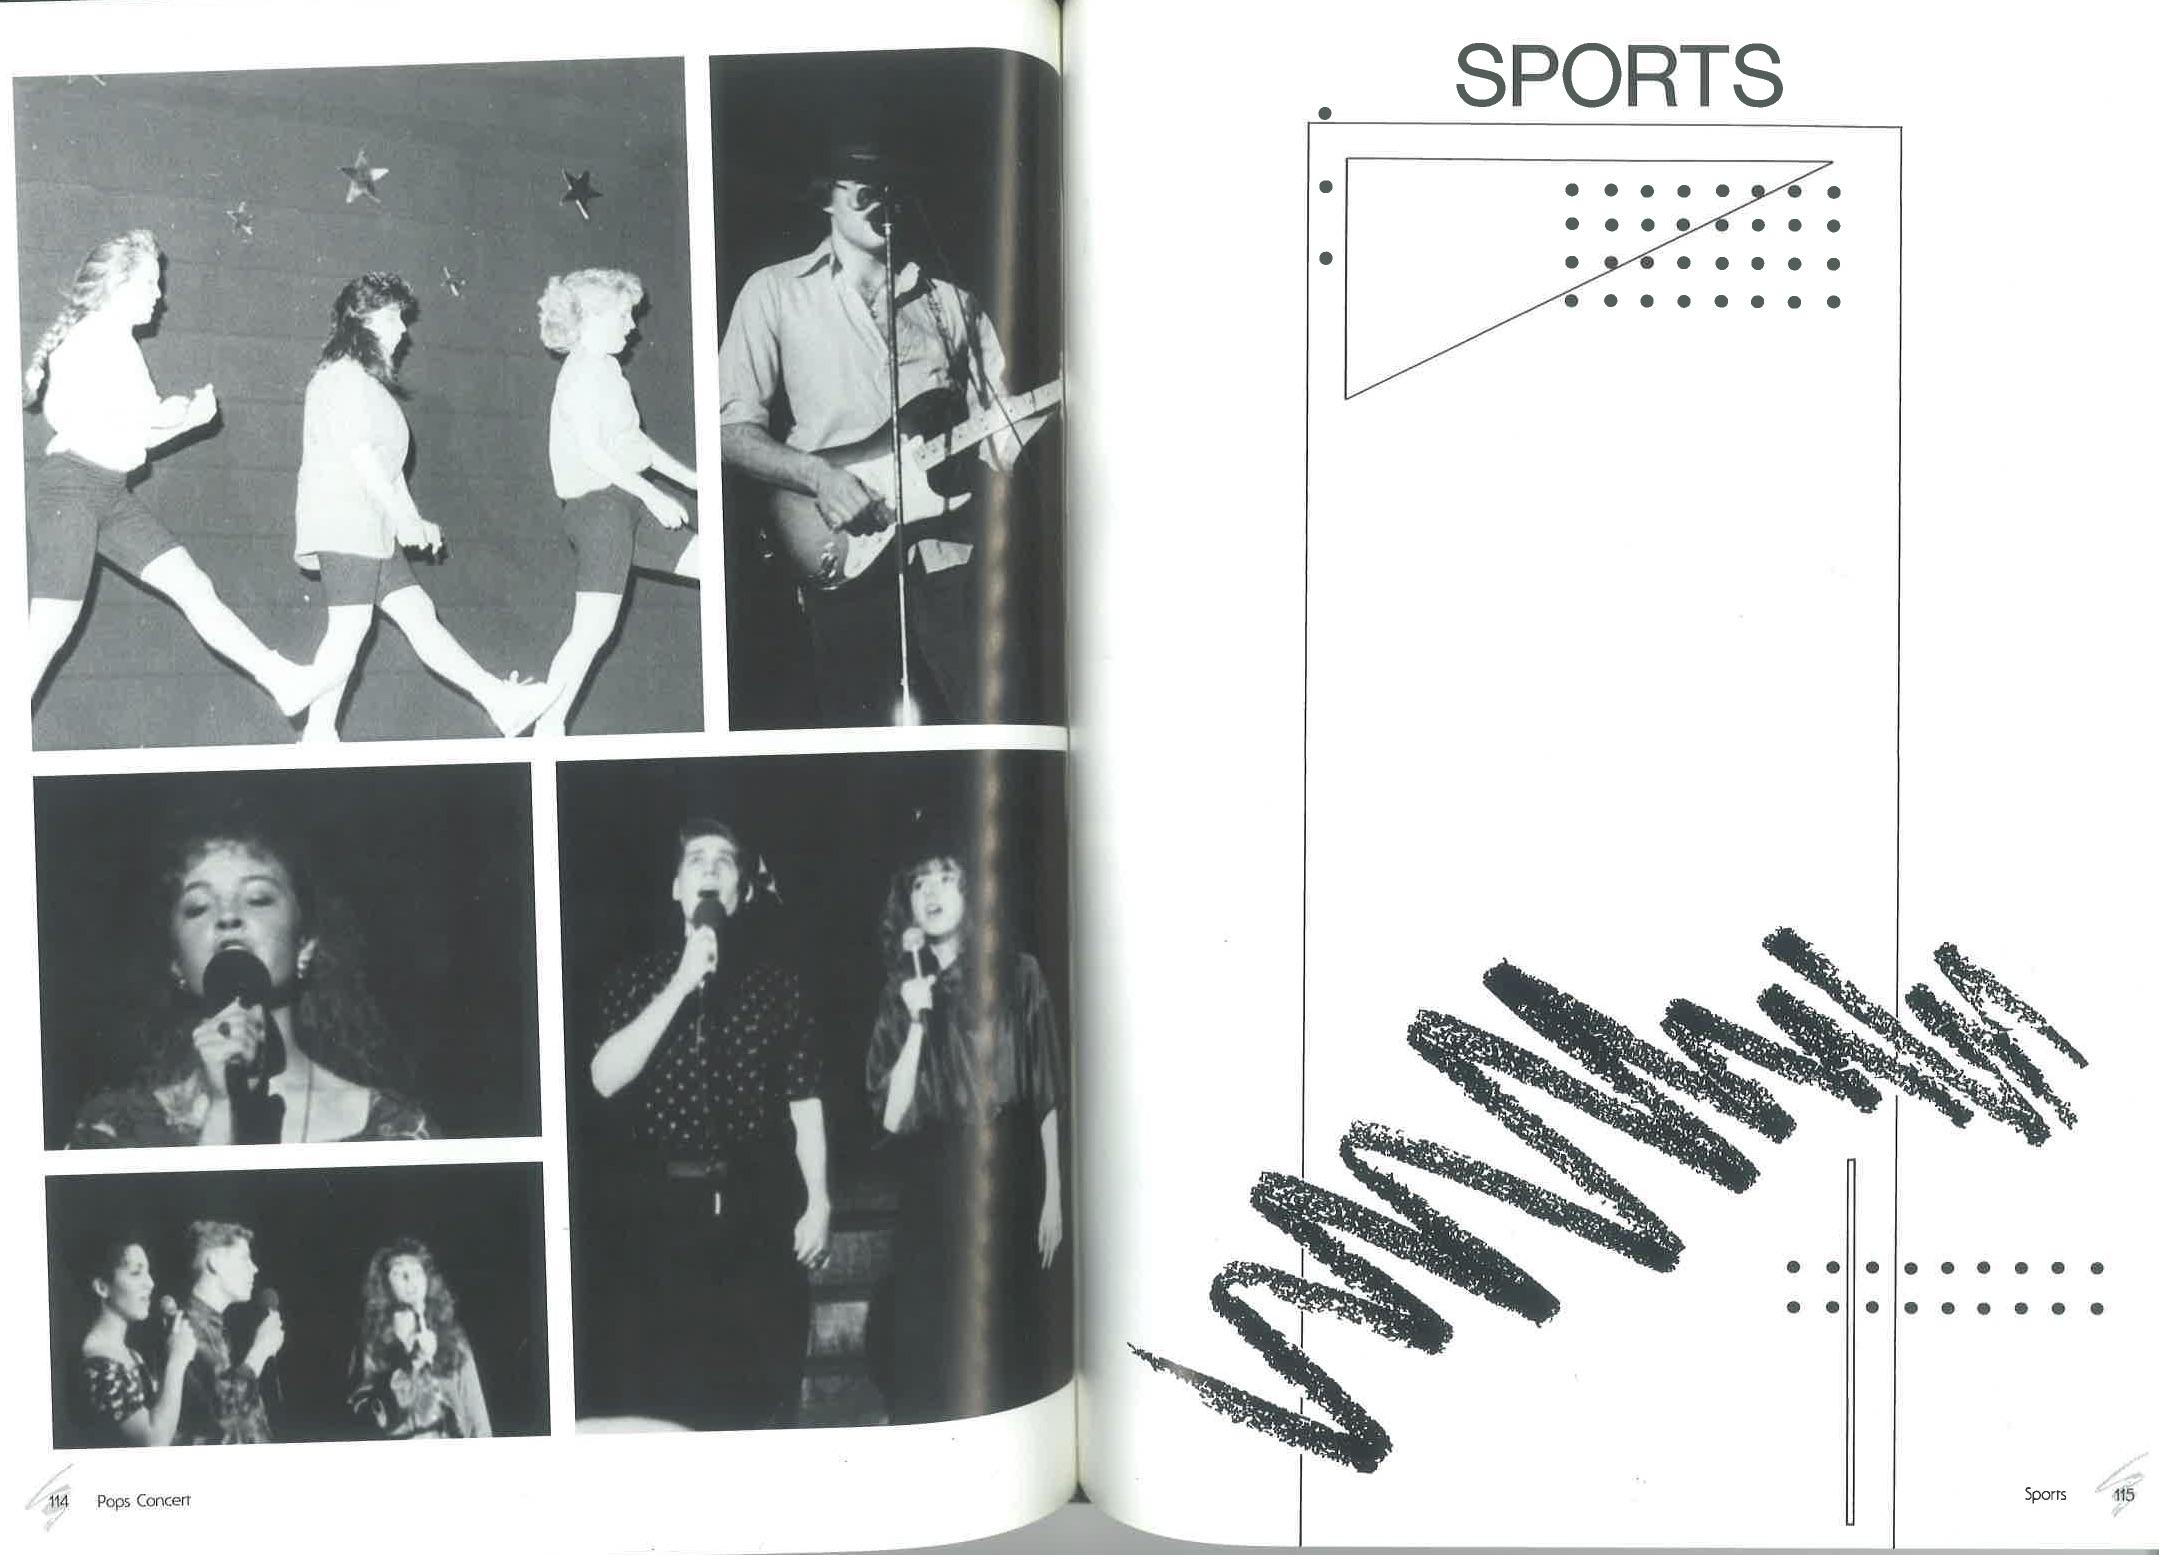 1991_63.jpg